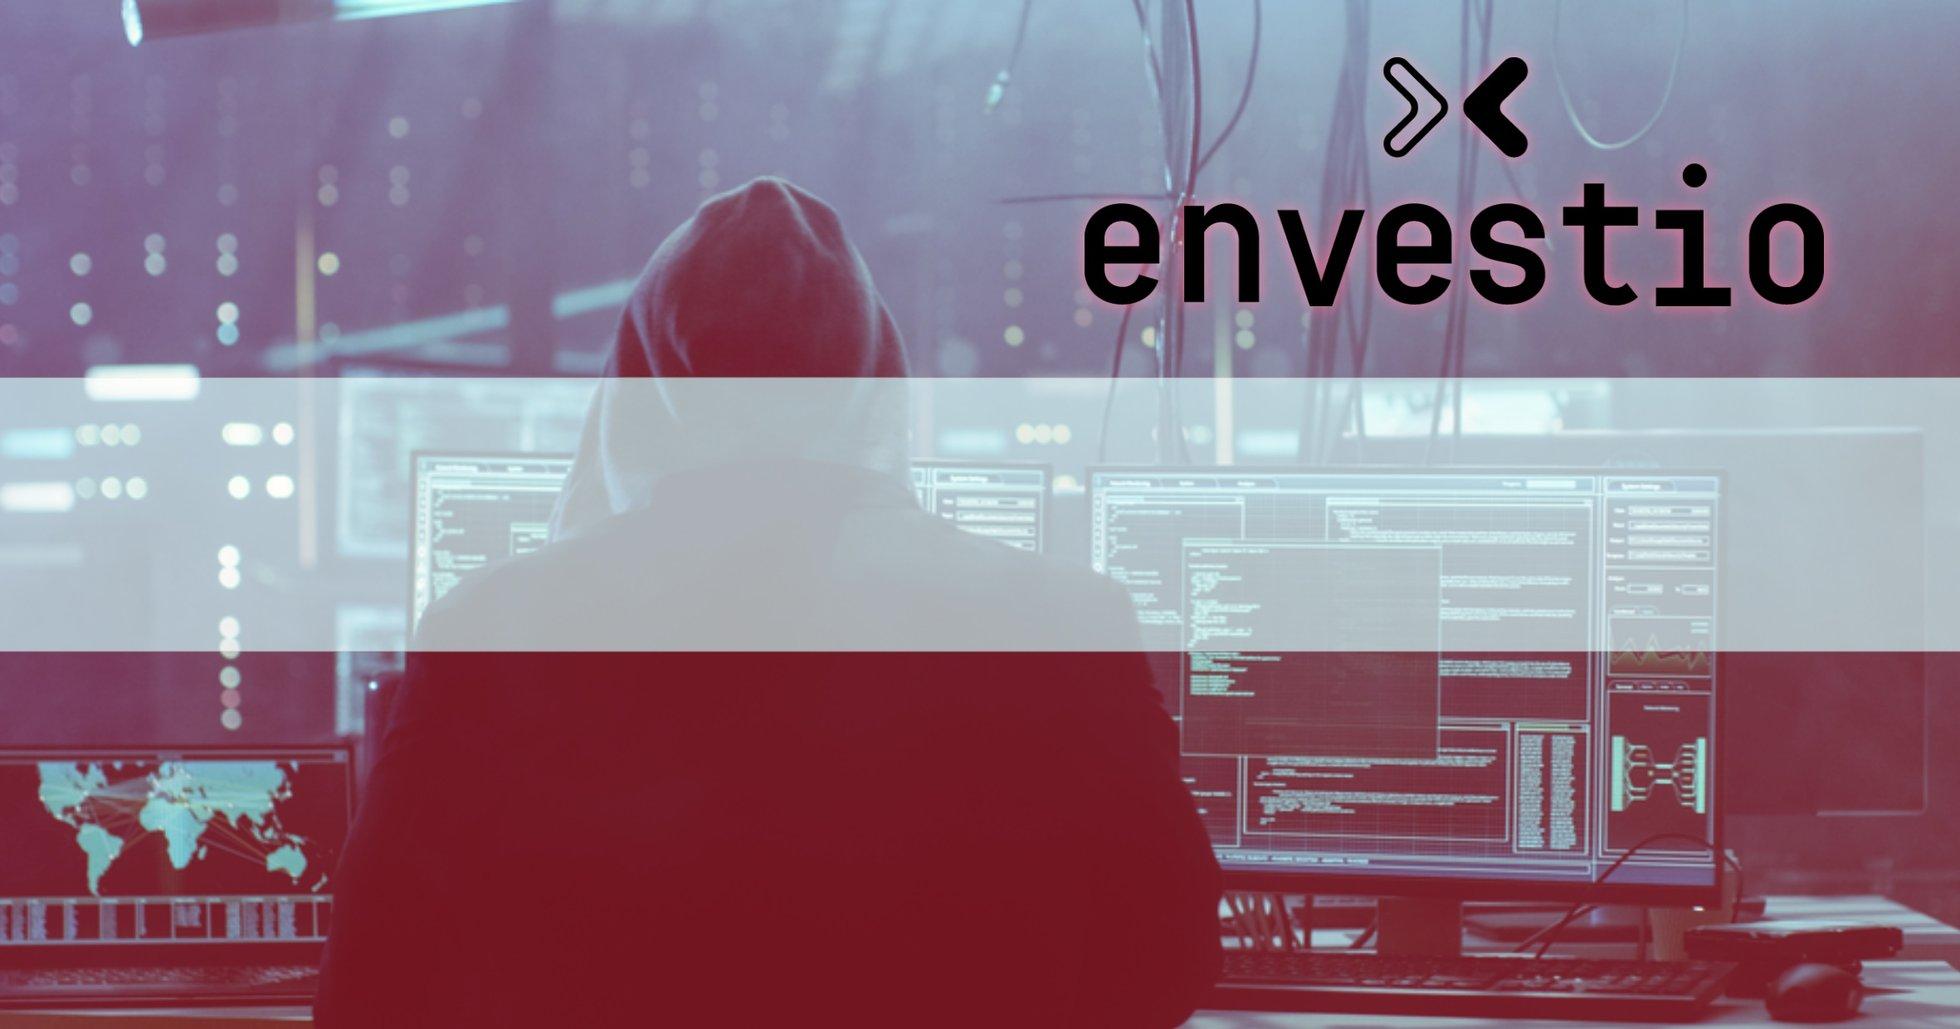 Så gömde de misstänkta Envestio-bedragarna 300 miljoner – med hjälp av kryptovalutor